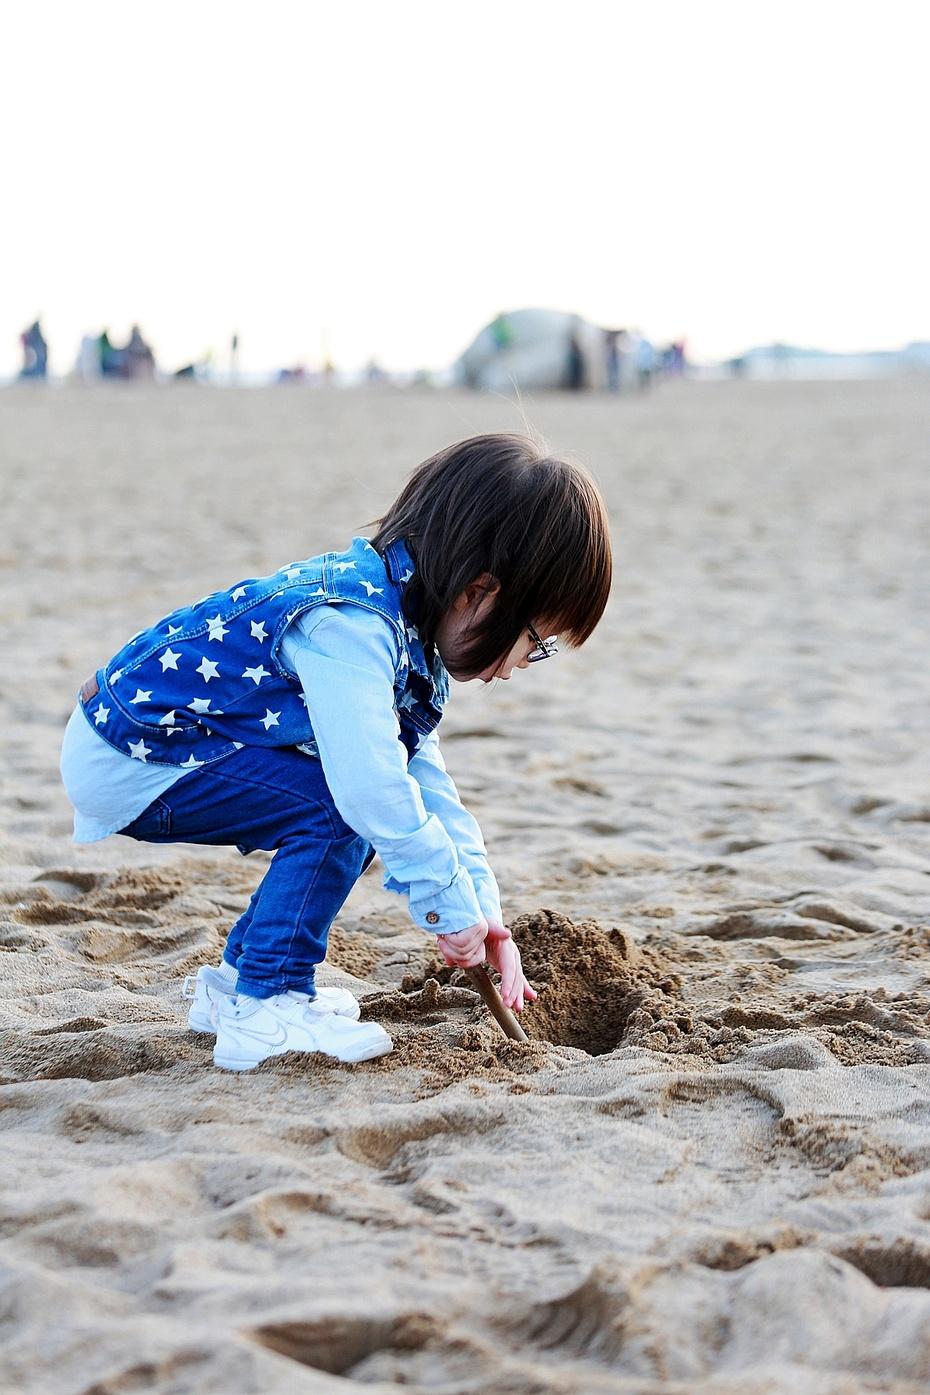 自由散漫的十一假期——海边玩沙